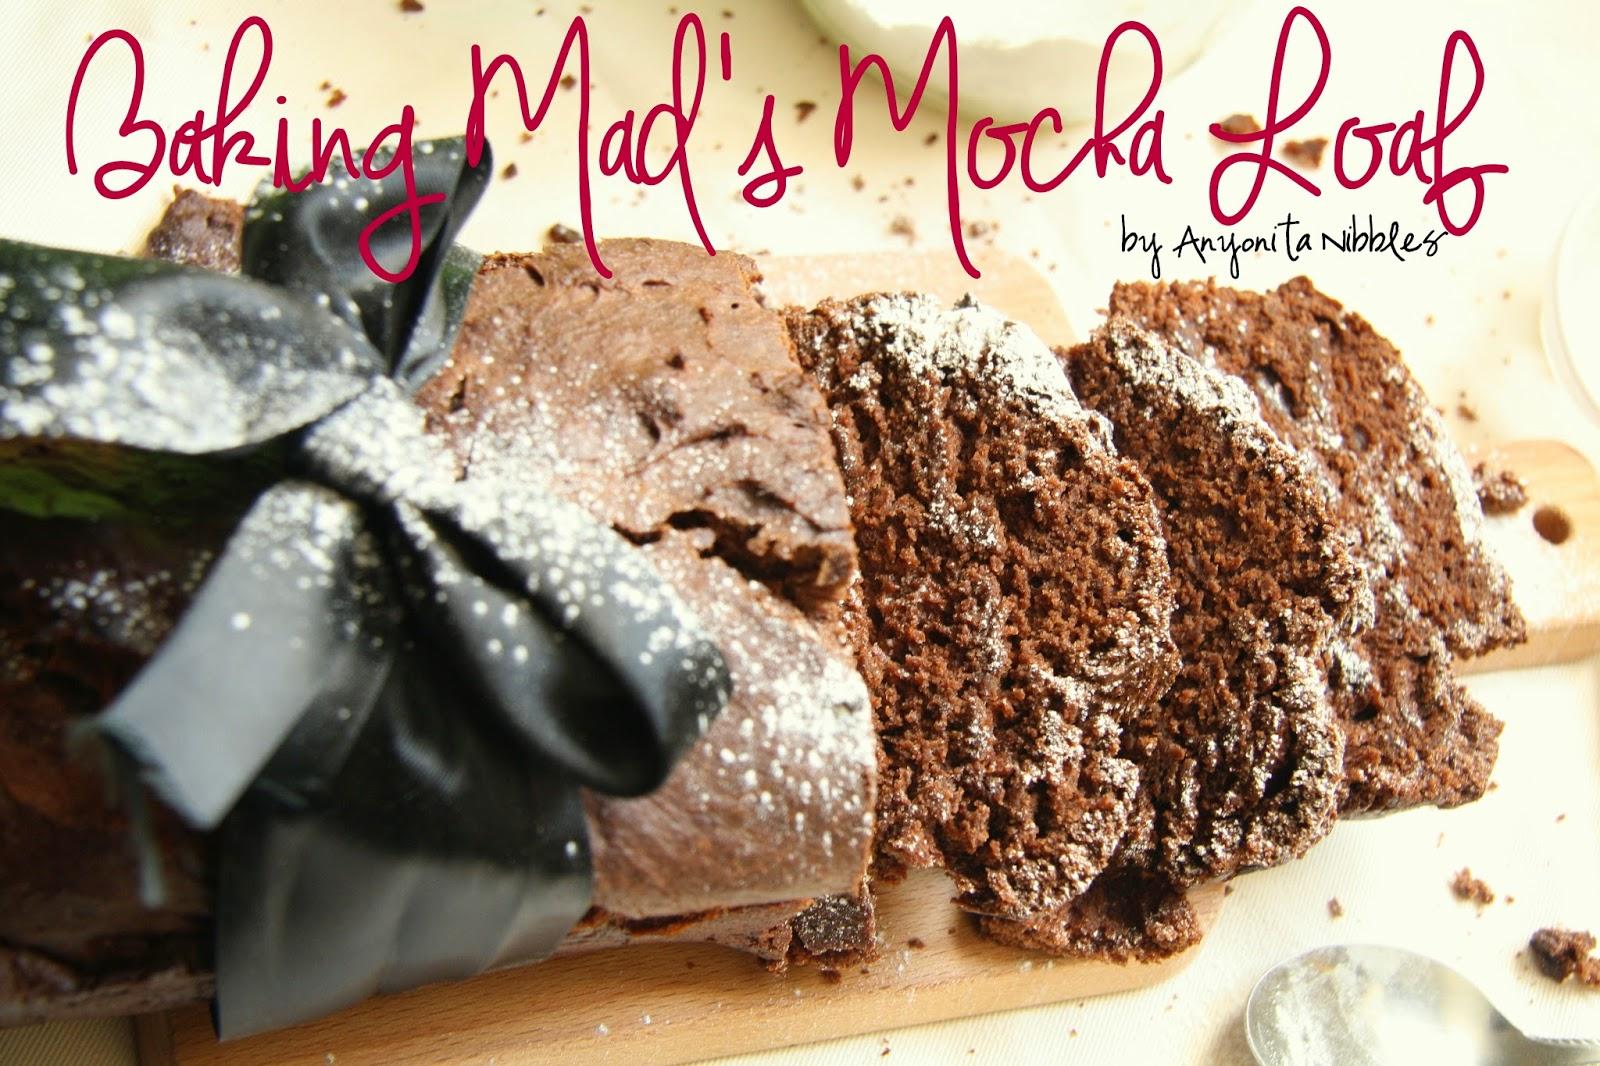 Baking Mad's Mocha Loaf from Anyonita Nibbles